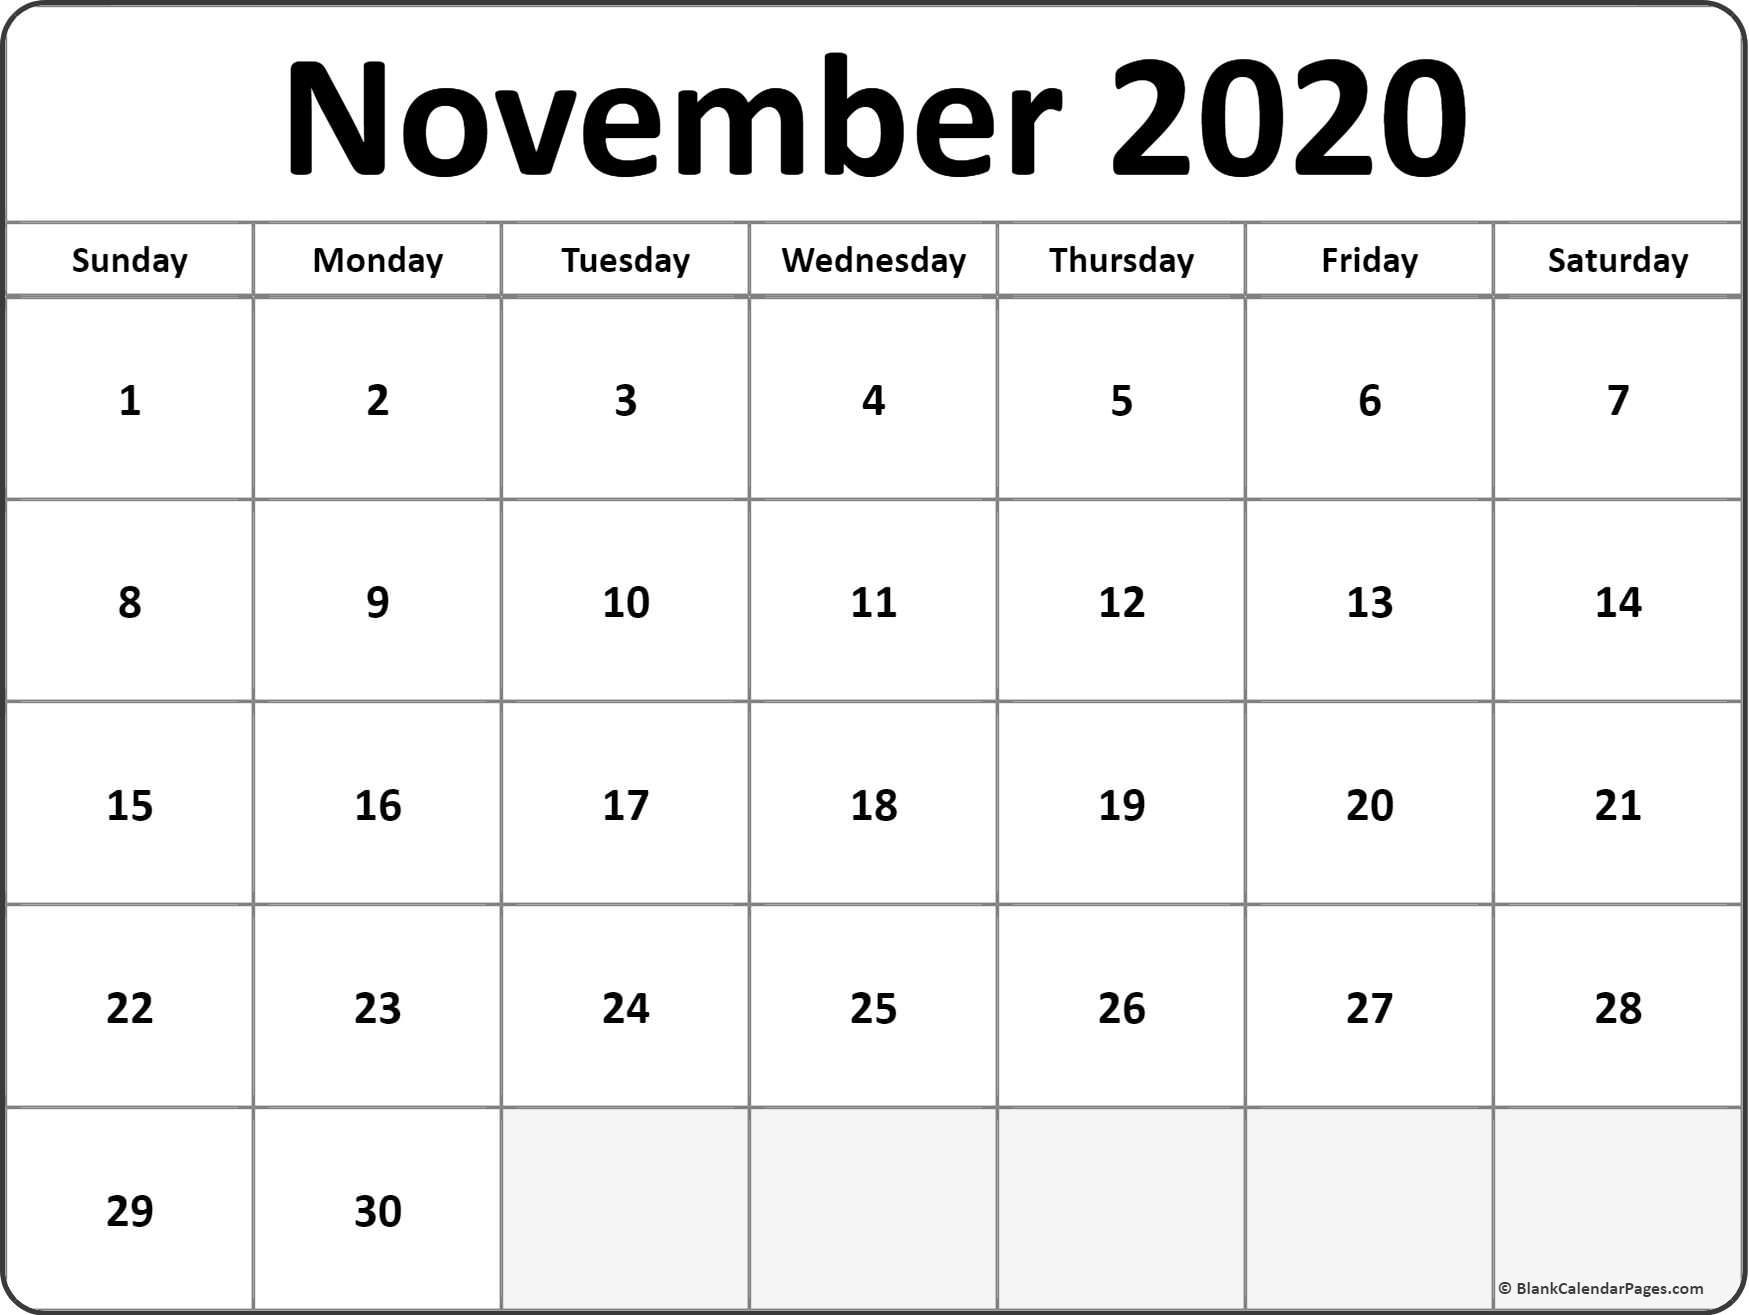 November 2020 blank calendar templates